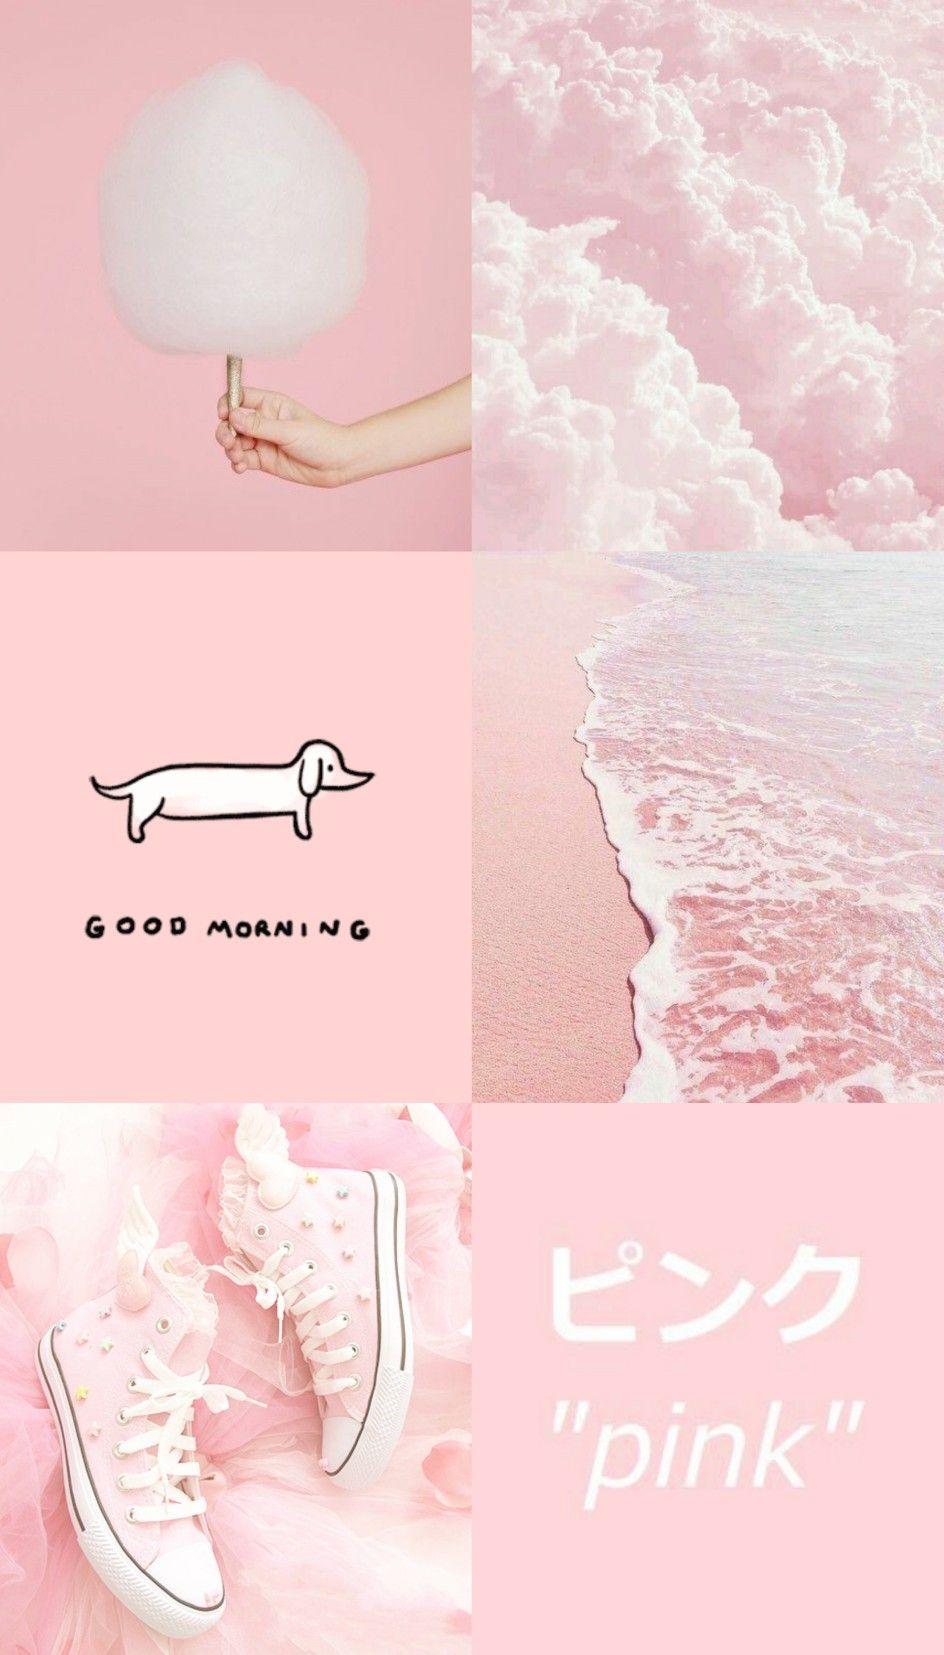 Aesthetic pink wallpaper Gambar